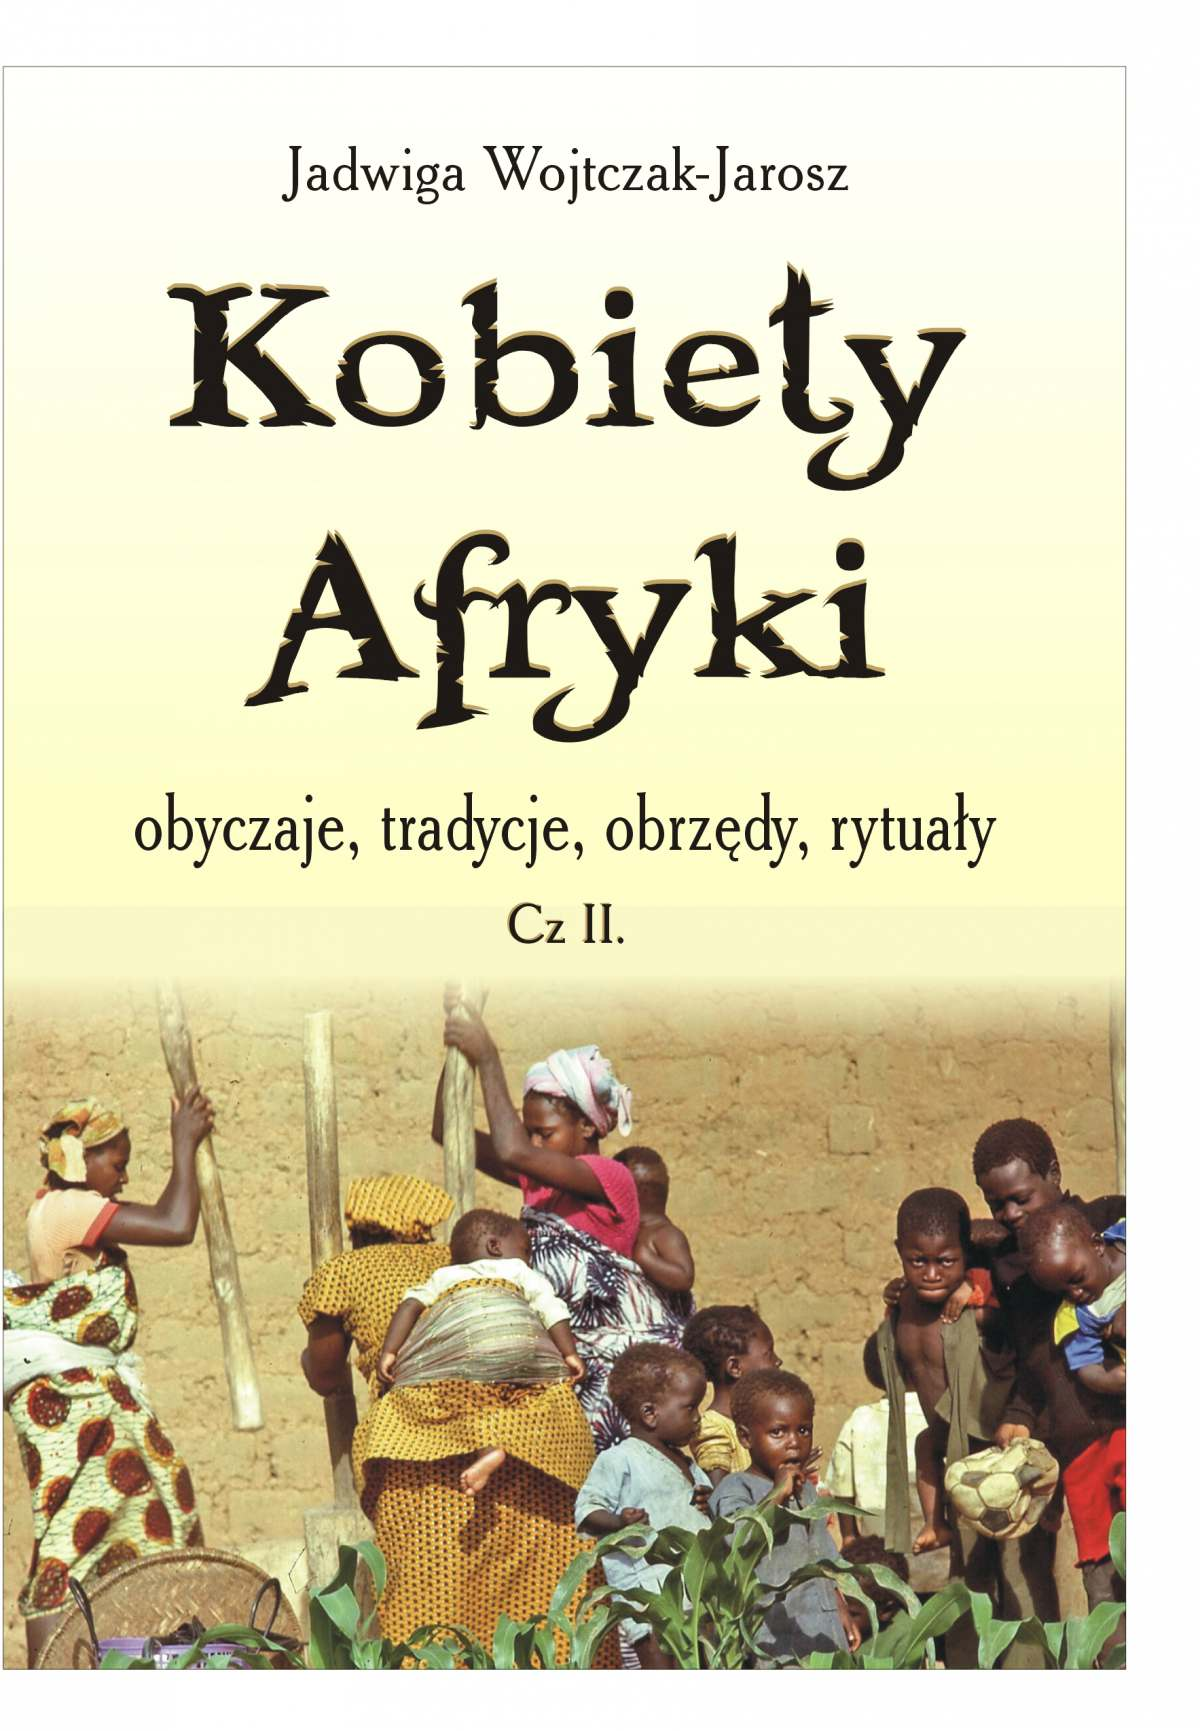 Kobiety Afryki – obyczaje, tradycje, obrzędy, rytuały. Część II - Ebook (Książka na Kindle) do pobrania w formacie MOBI